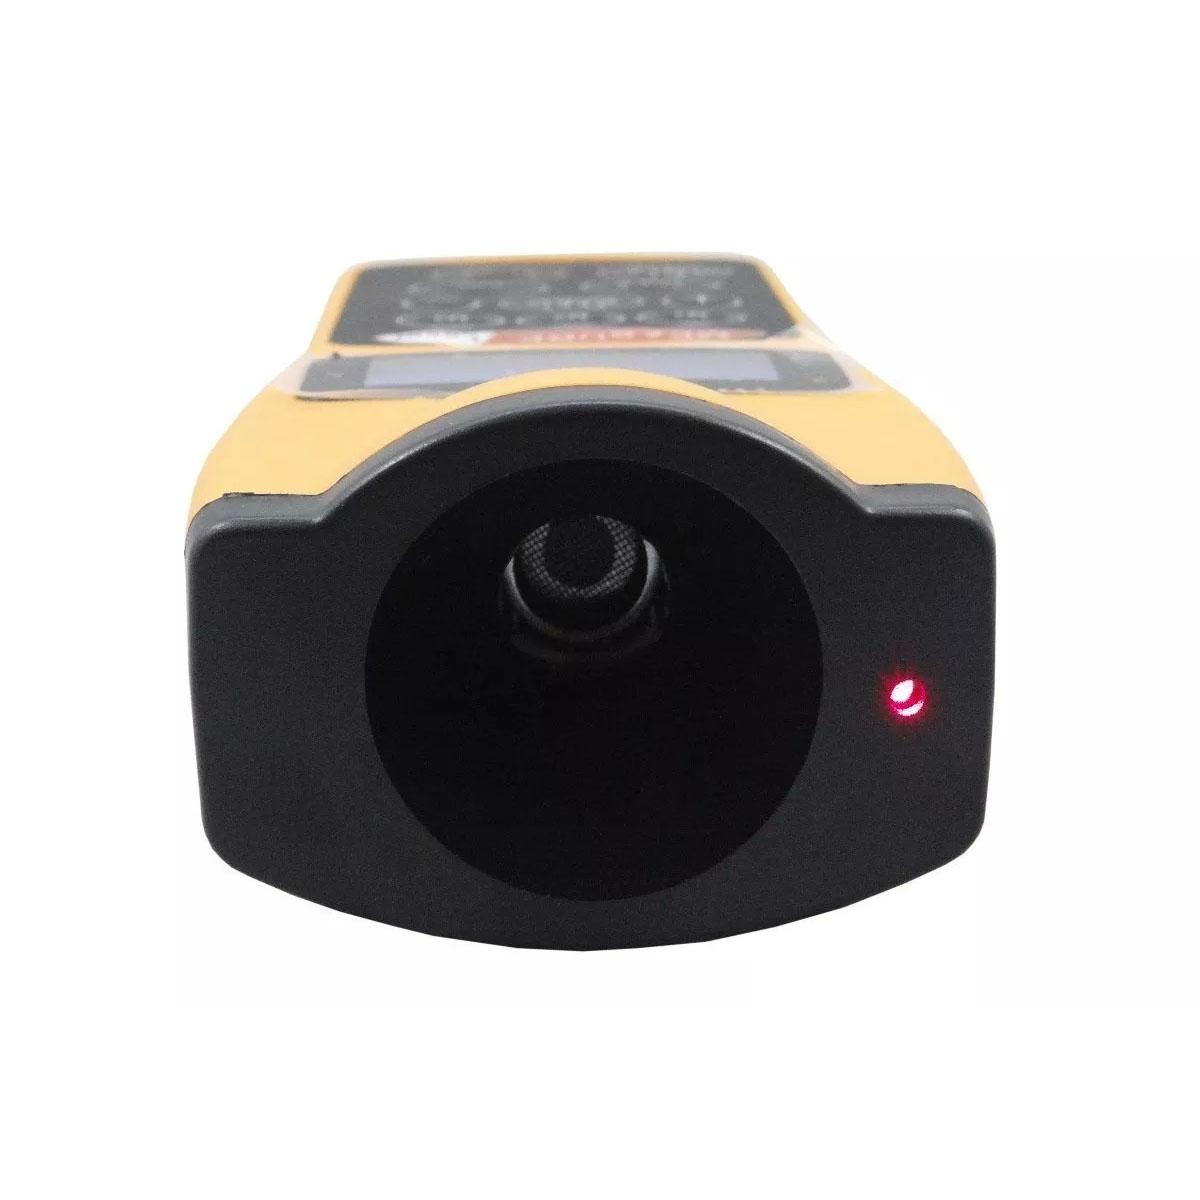 Trena Eletronica para Medição de Distancia até 18 Mts c/ Sensor de Ultrasom